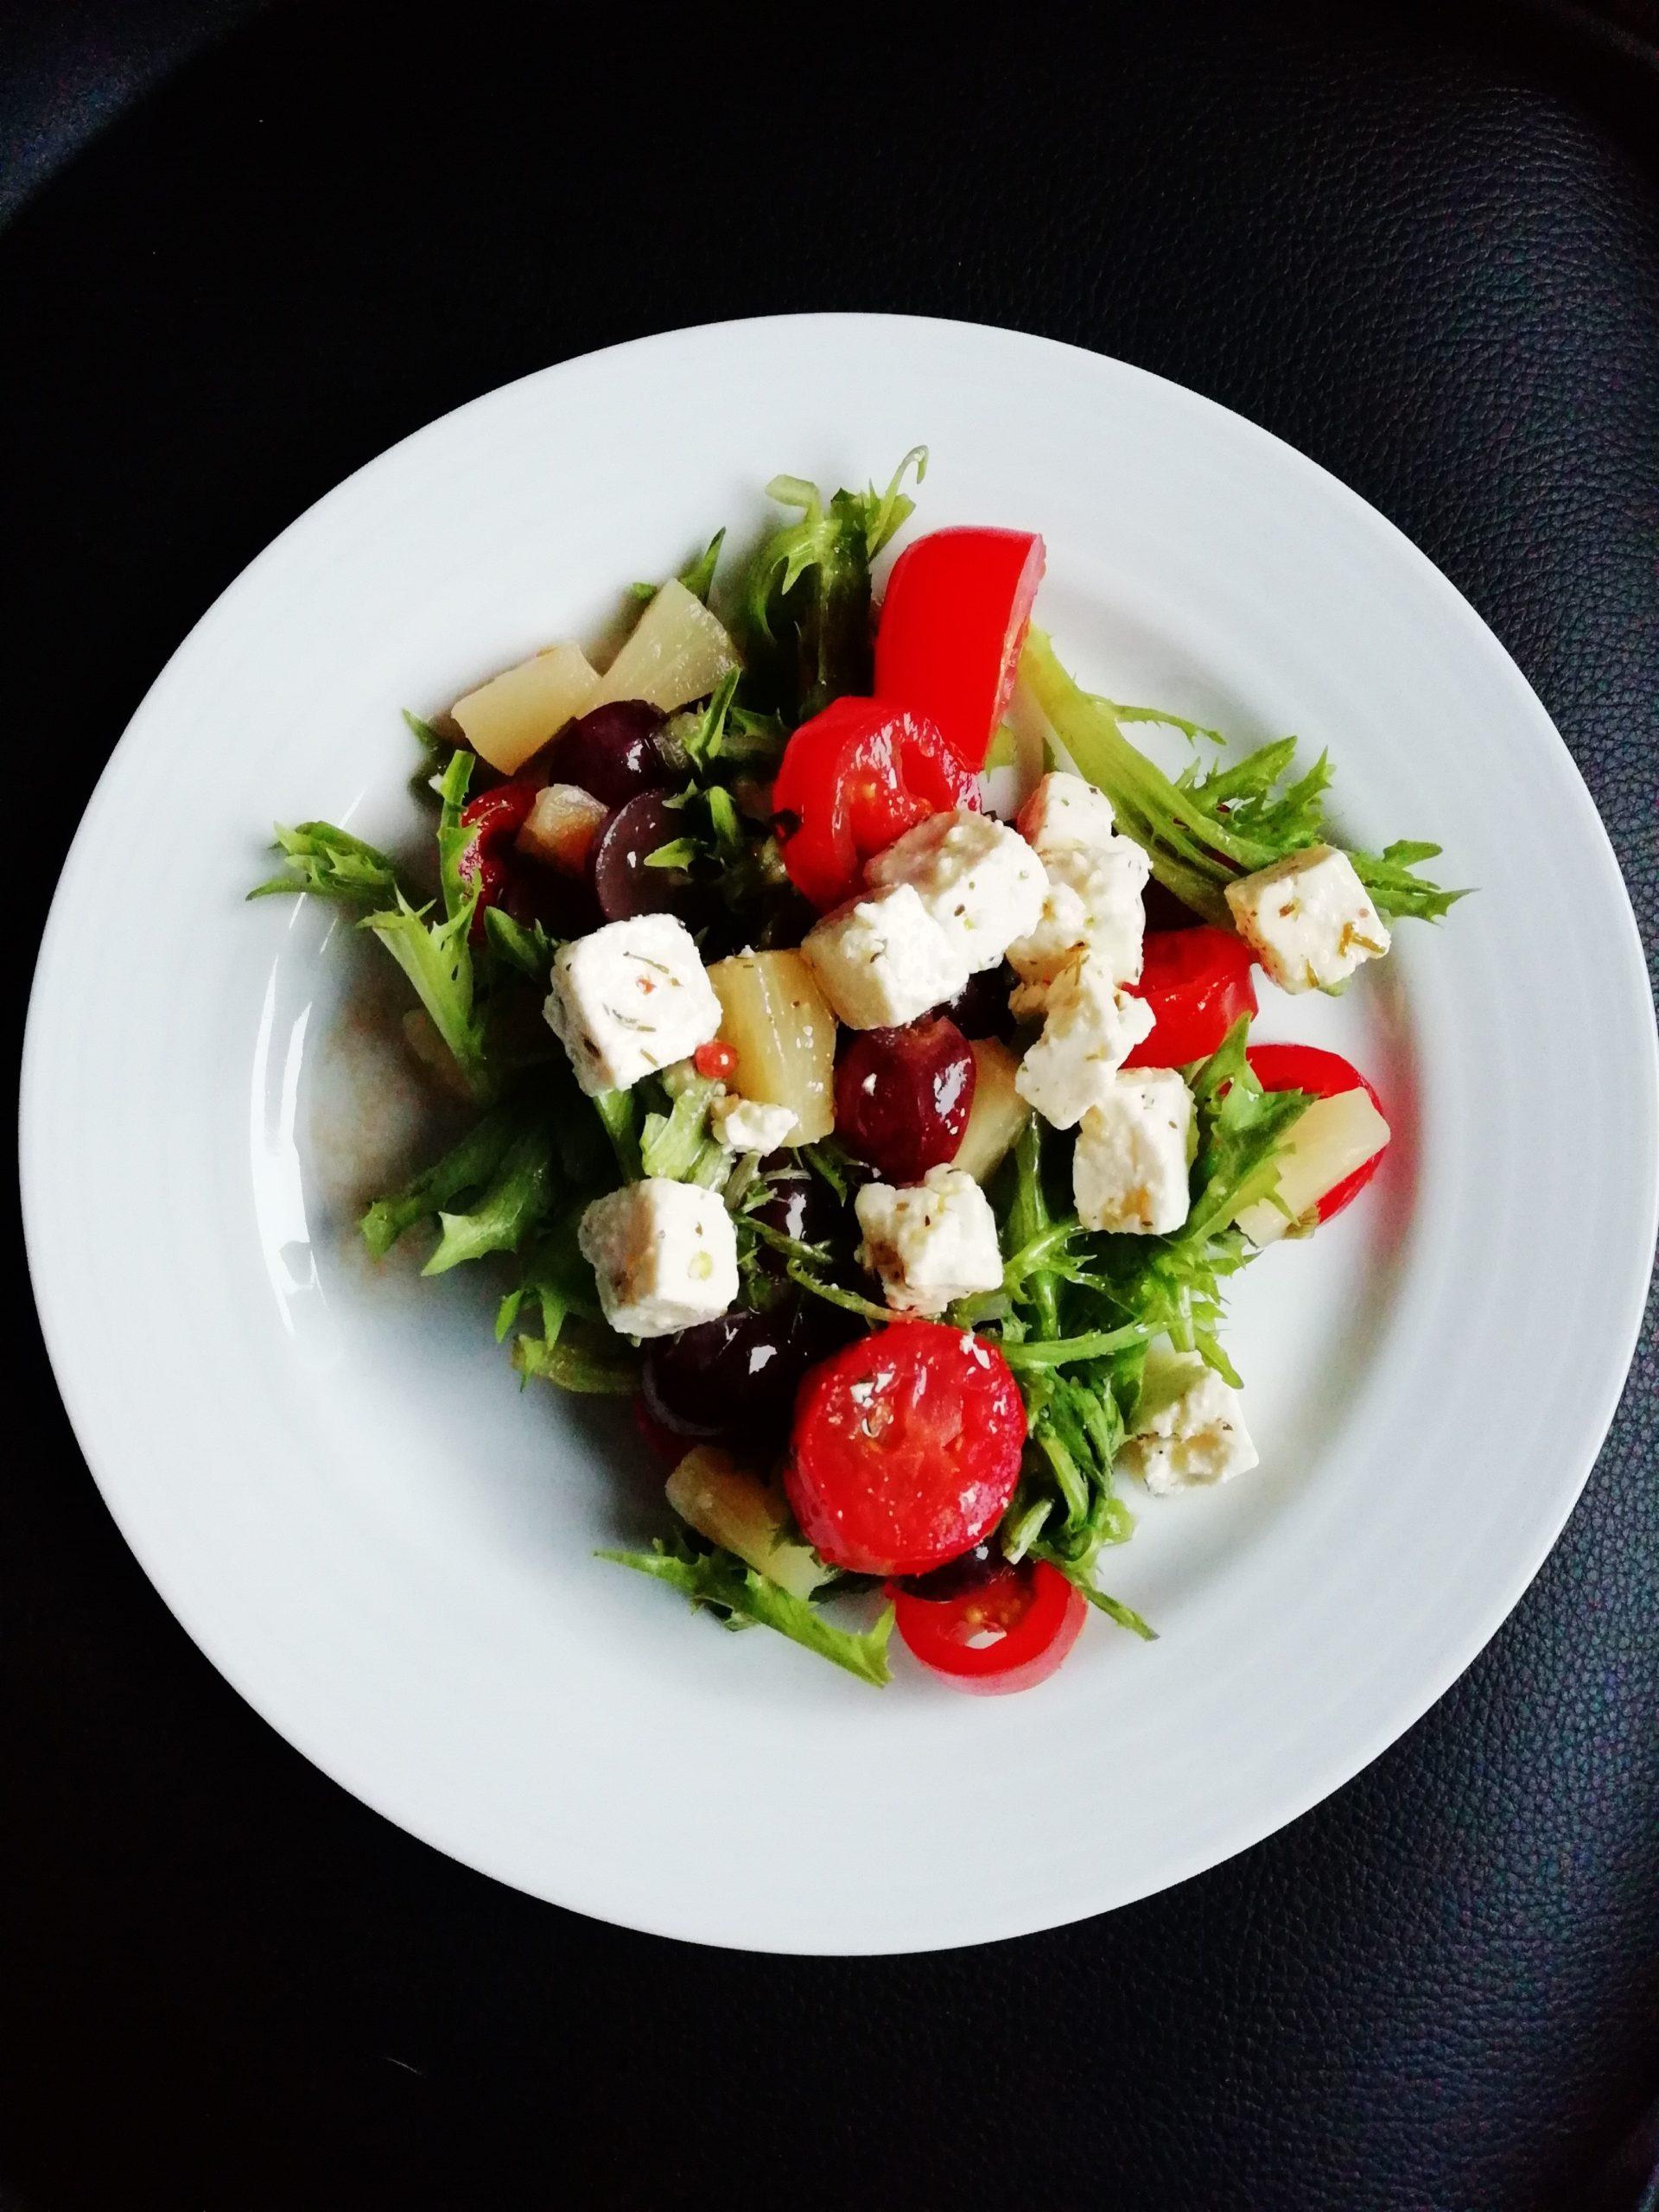 Les fromages atypiques pour pimper sa salade de l'été